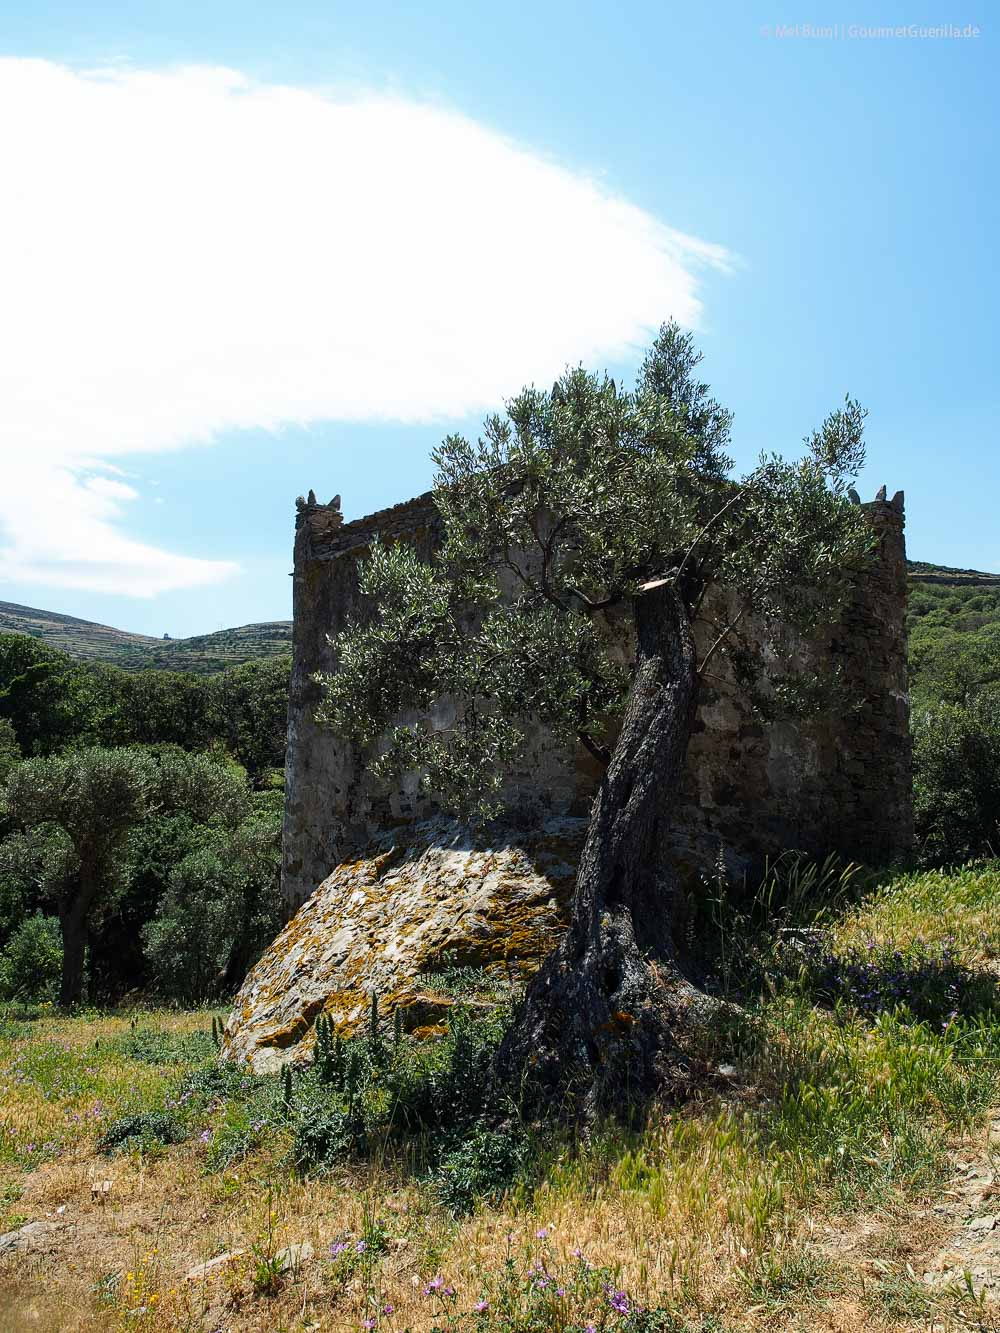 Taubentürme Reisebericht Tinos Foodpath griechische Insel Kykladen Griechenland |GourmetGuerilla.de